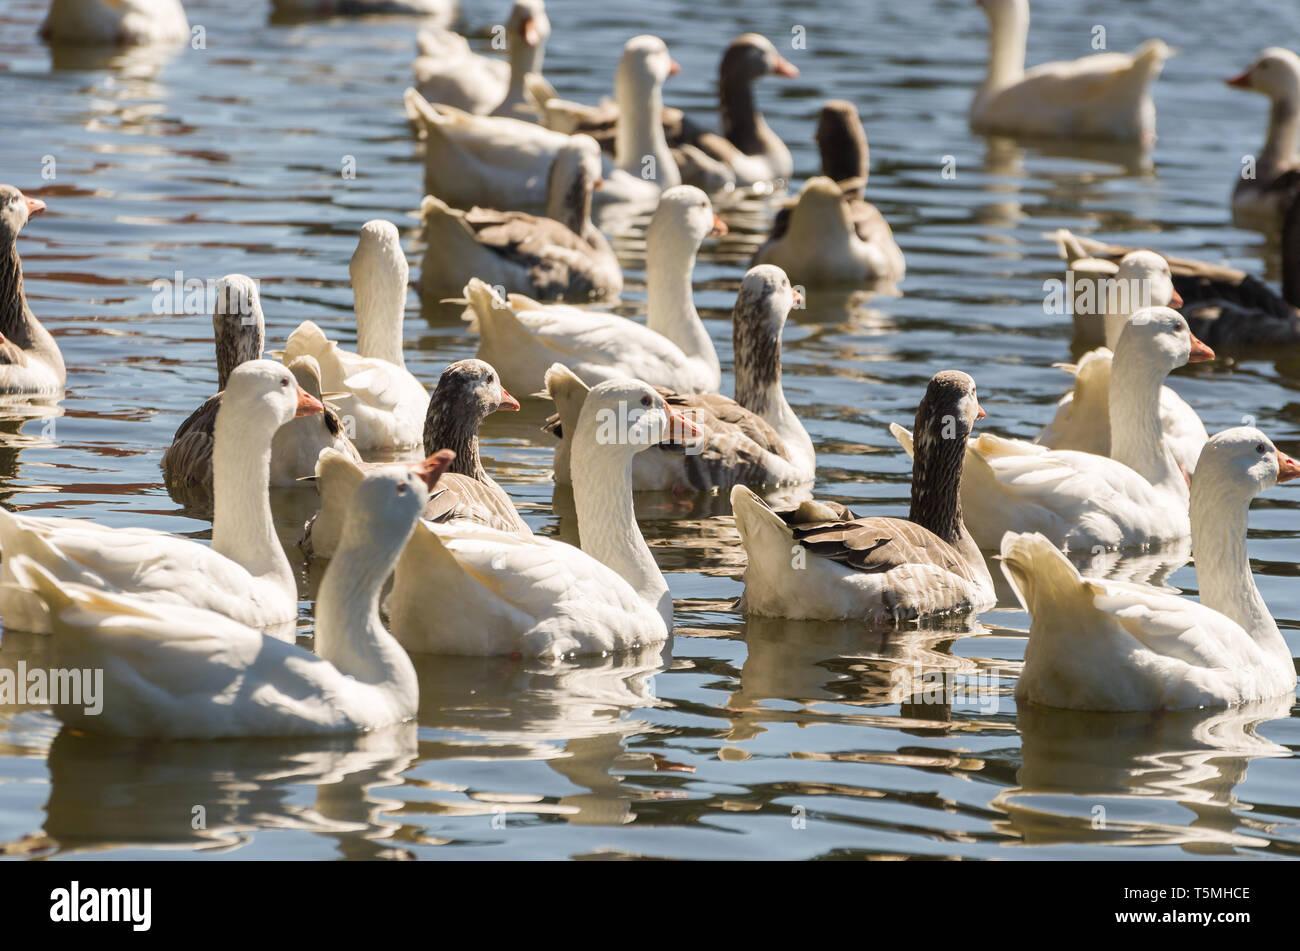 Several white ducks swimming on Lake São Bernardo in São Francisco de Paula in Brazil. - Stock Image